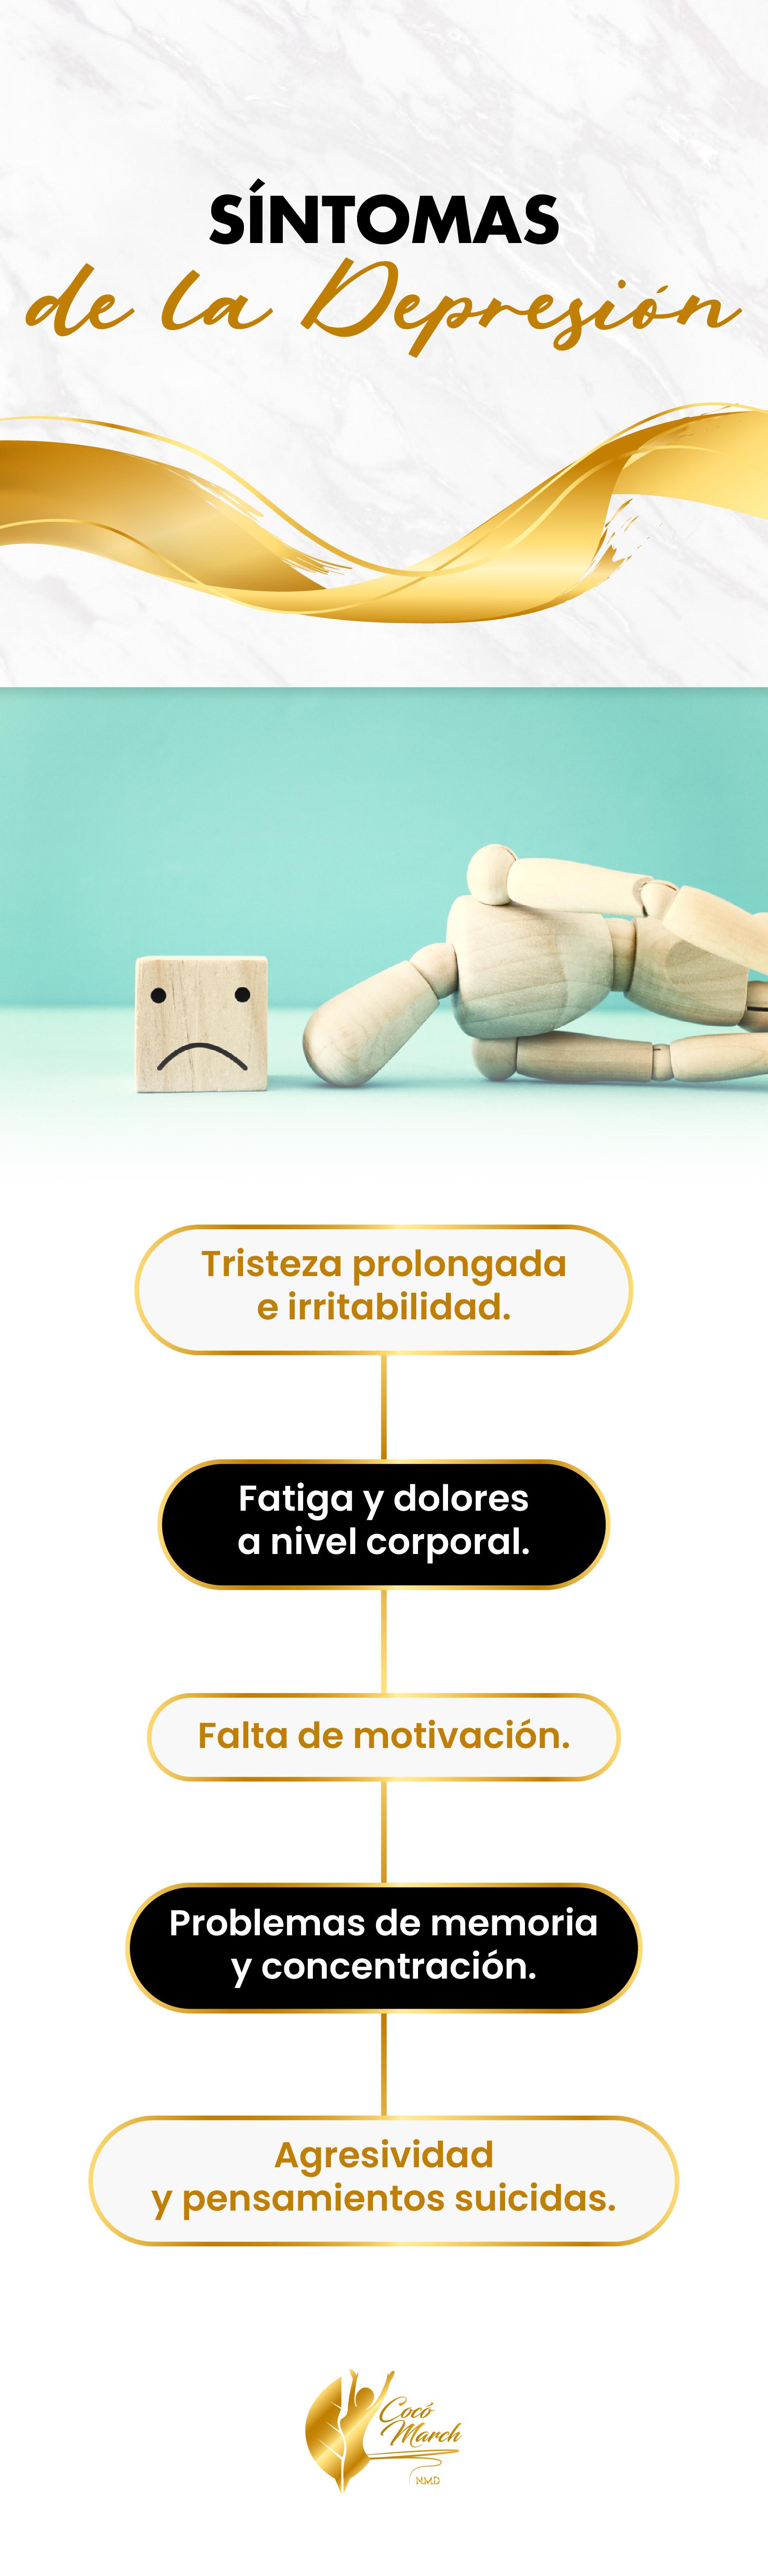 sintomas-de-depresion